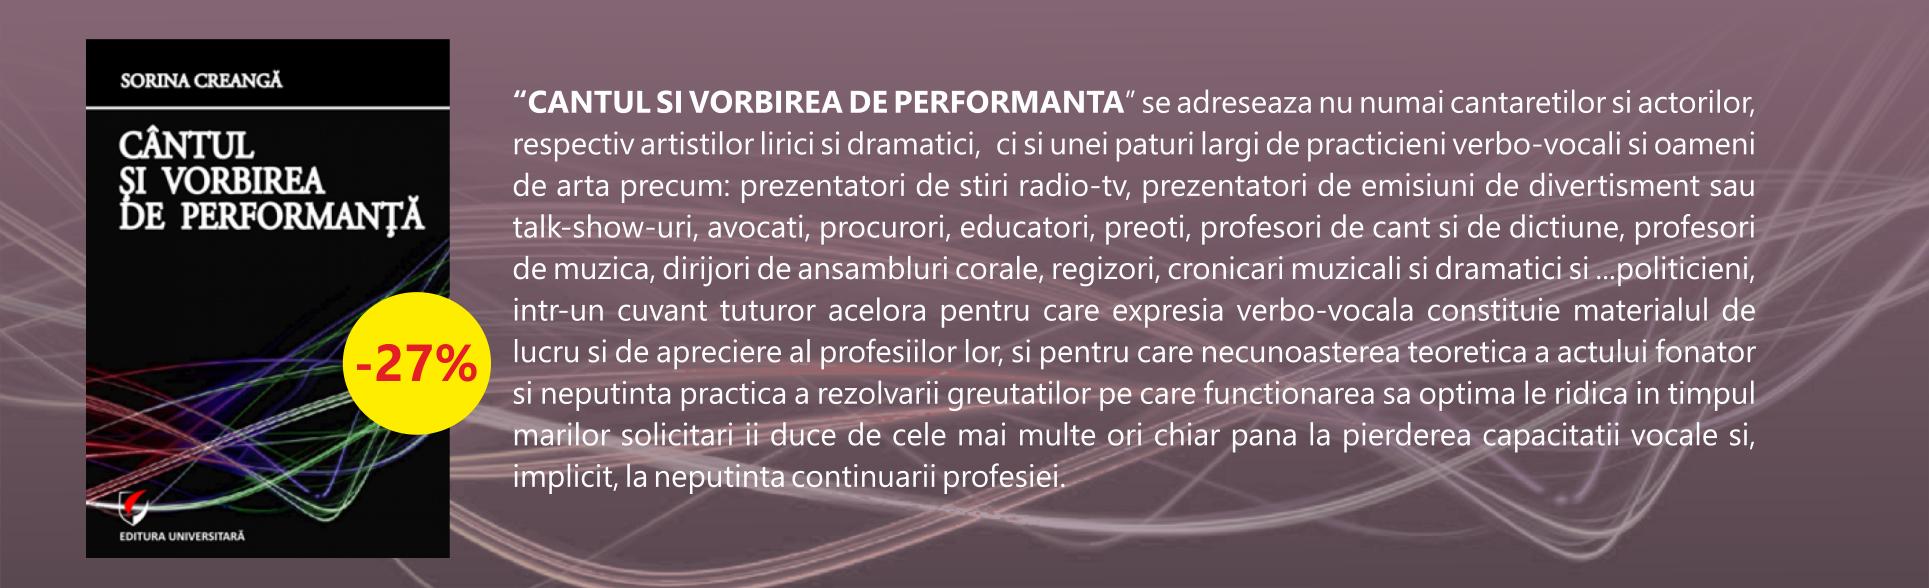 Homepage_9_Cantul si vorbirea de performanta